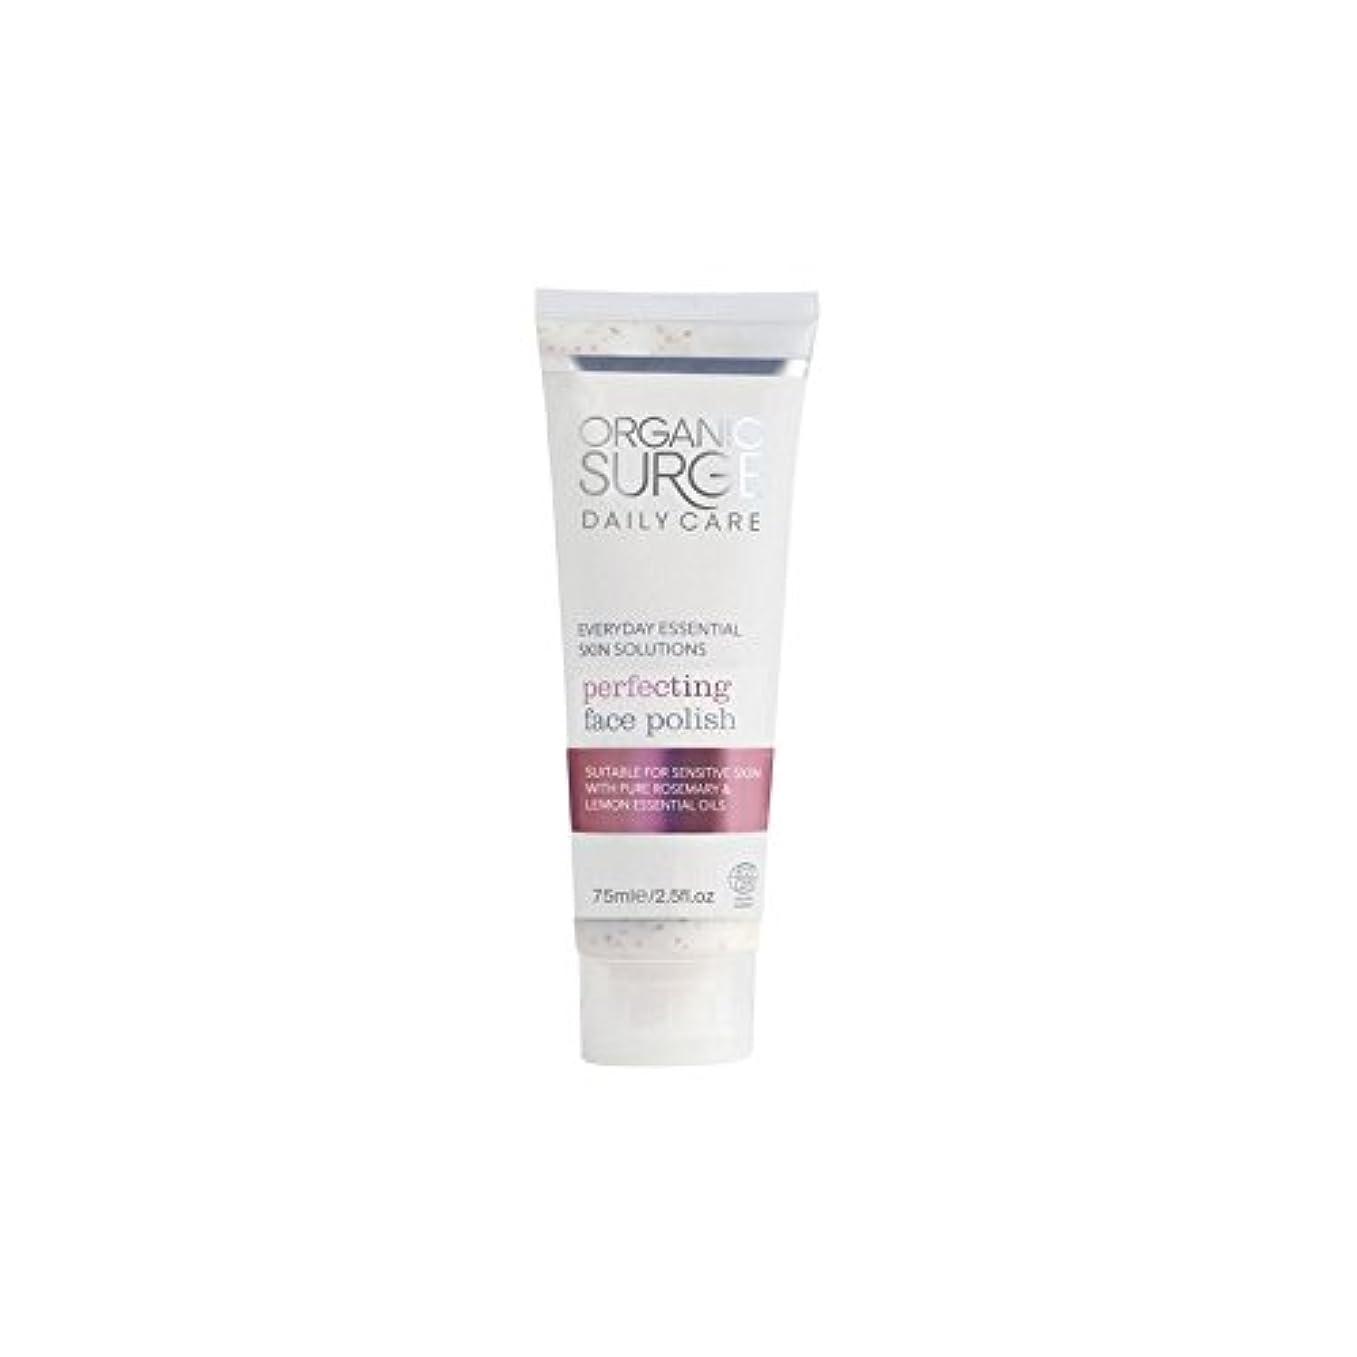 農学霜興味面研磨を完成有機サージ毎日のケア(75ミリリットル) x4 - Organic Surge Daily Care Perfecting Face Polish (75ml) (Pack of 4) [並行輸入品]